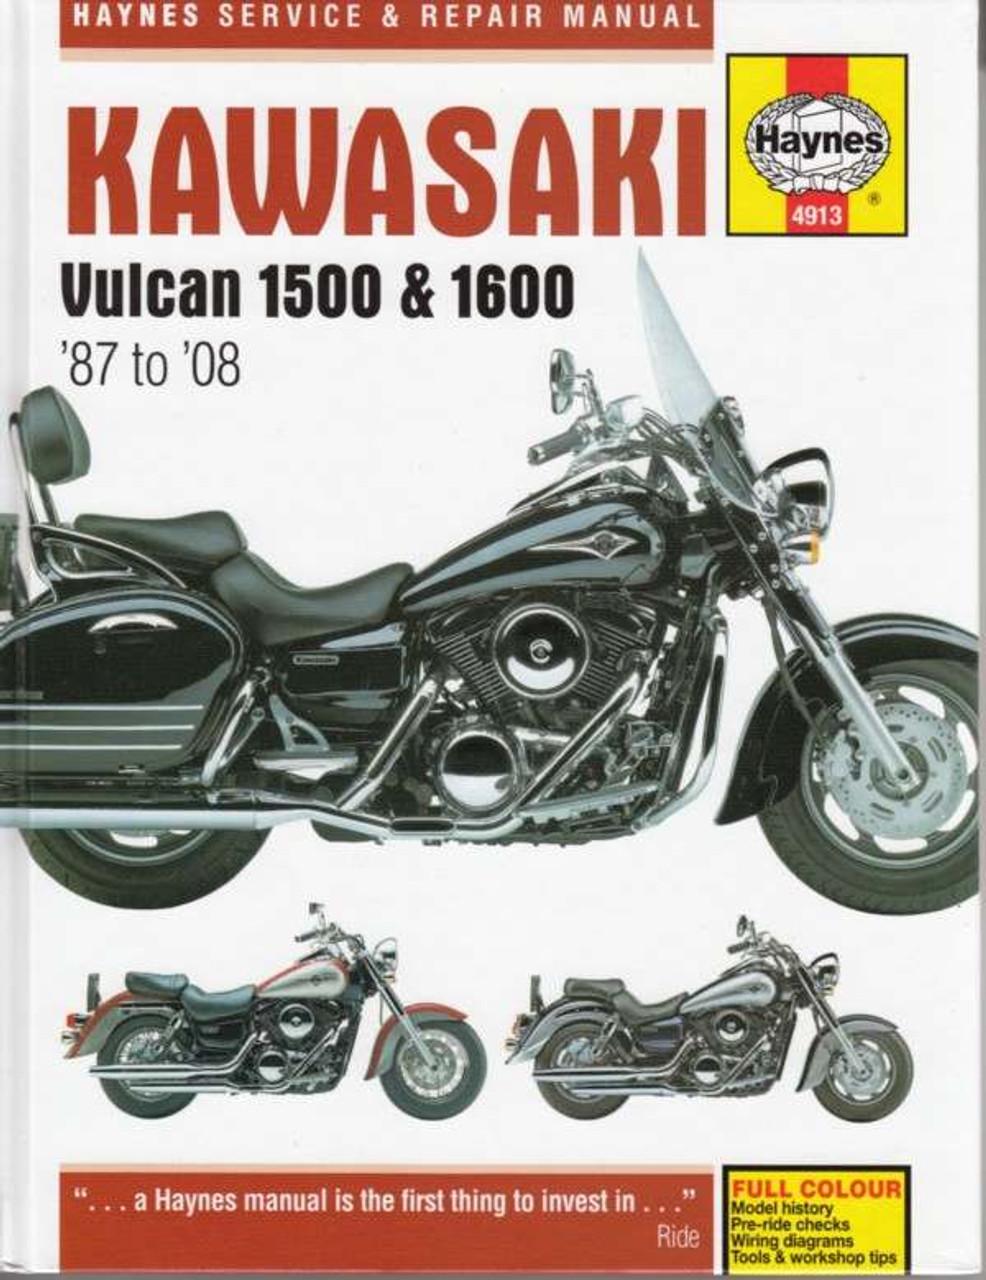 kawasaki vulcan 1500 1600 1987 2008 workshop manual rh automotobookshop com au haynes manual kawasaki versys 650 haynes manuals kawasaki 750cc sidexside 2008